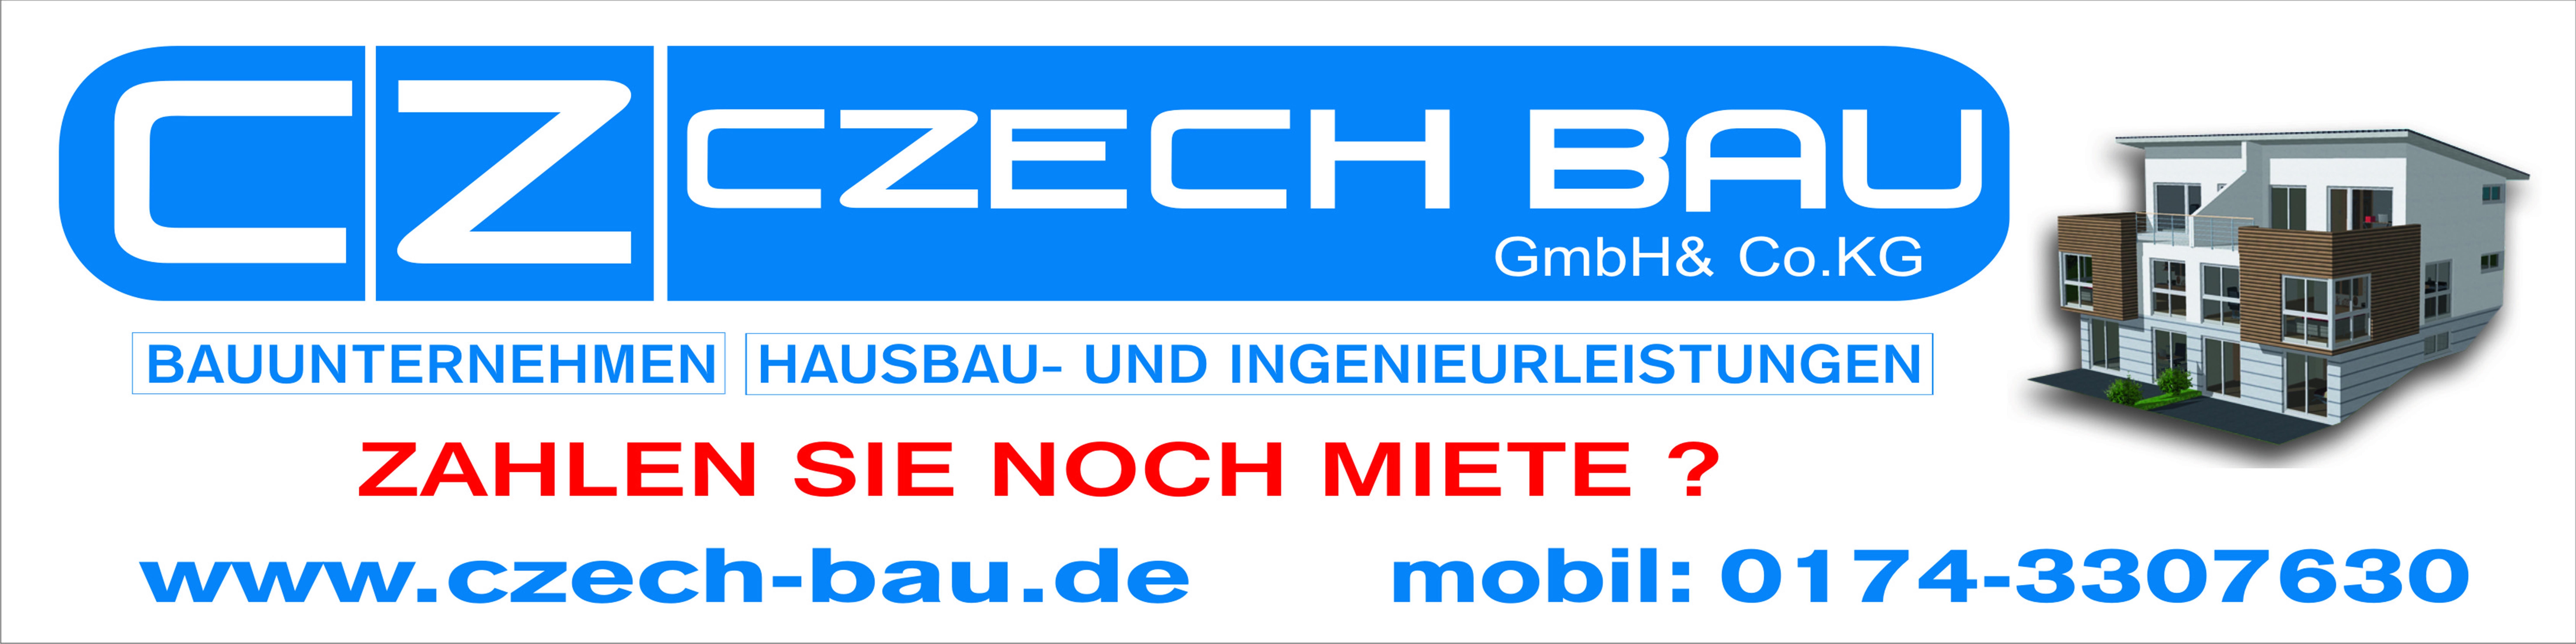 Czech bau schild orginal2_bearbeitet